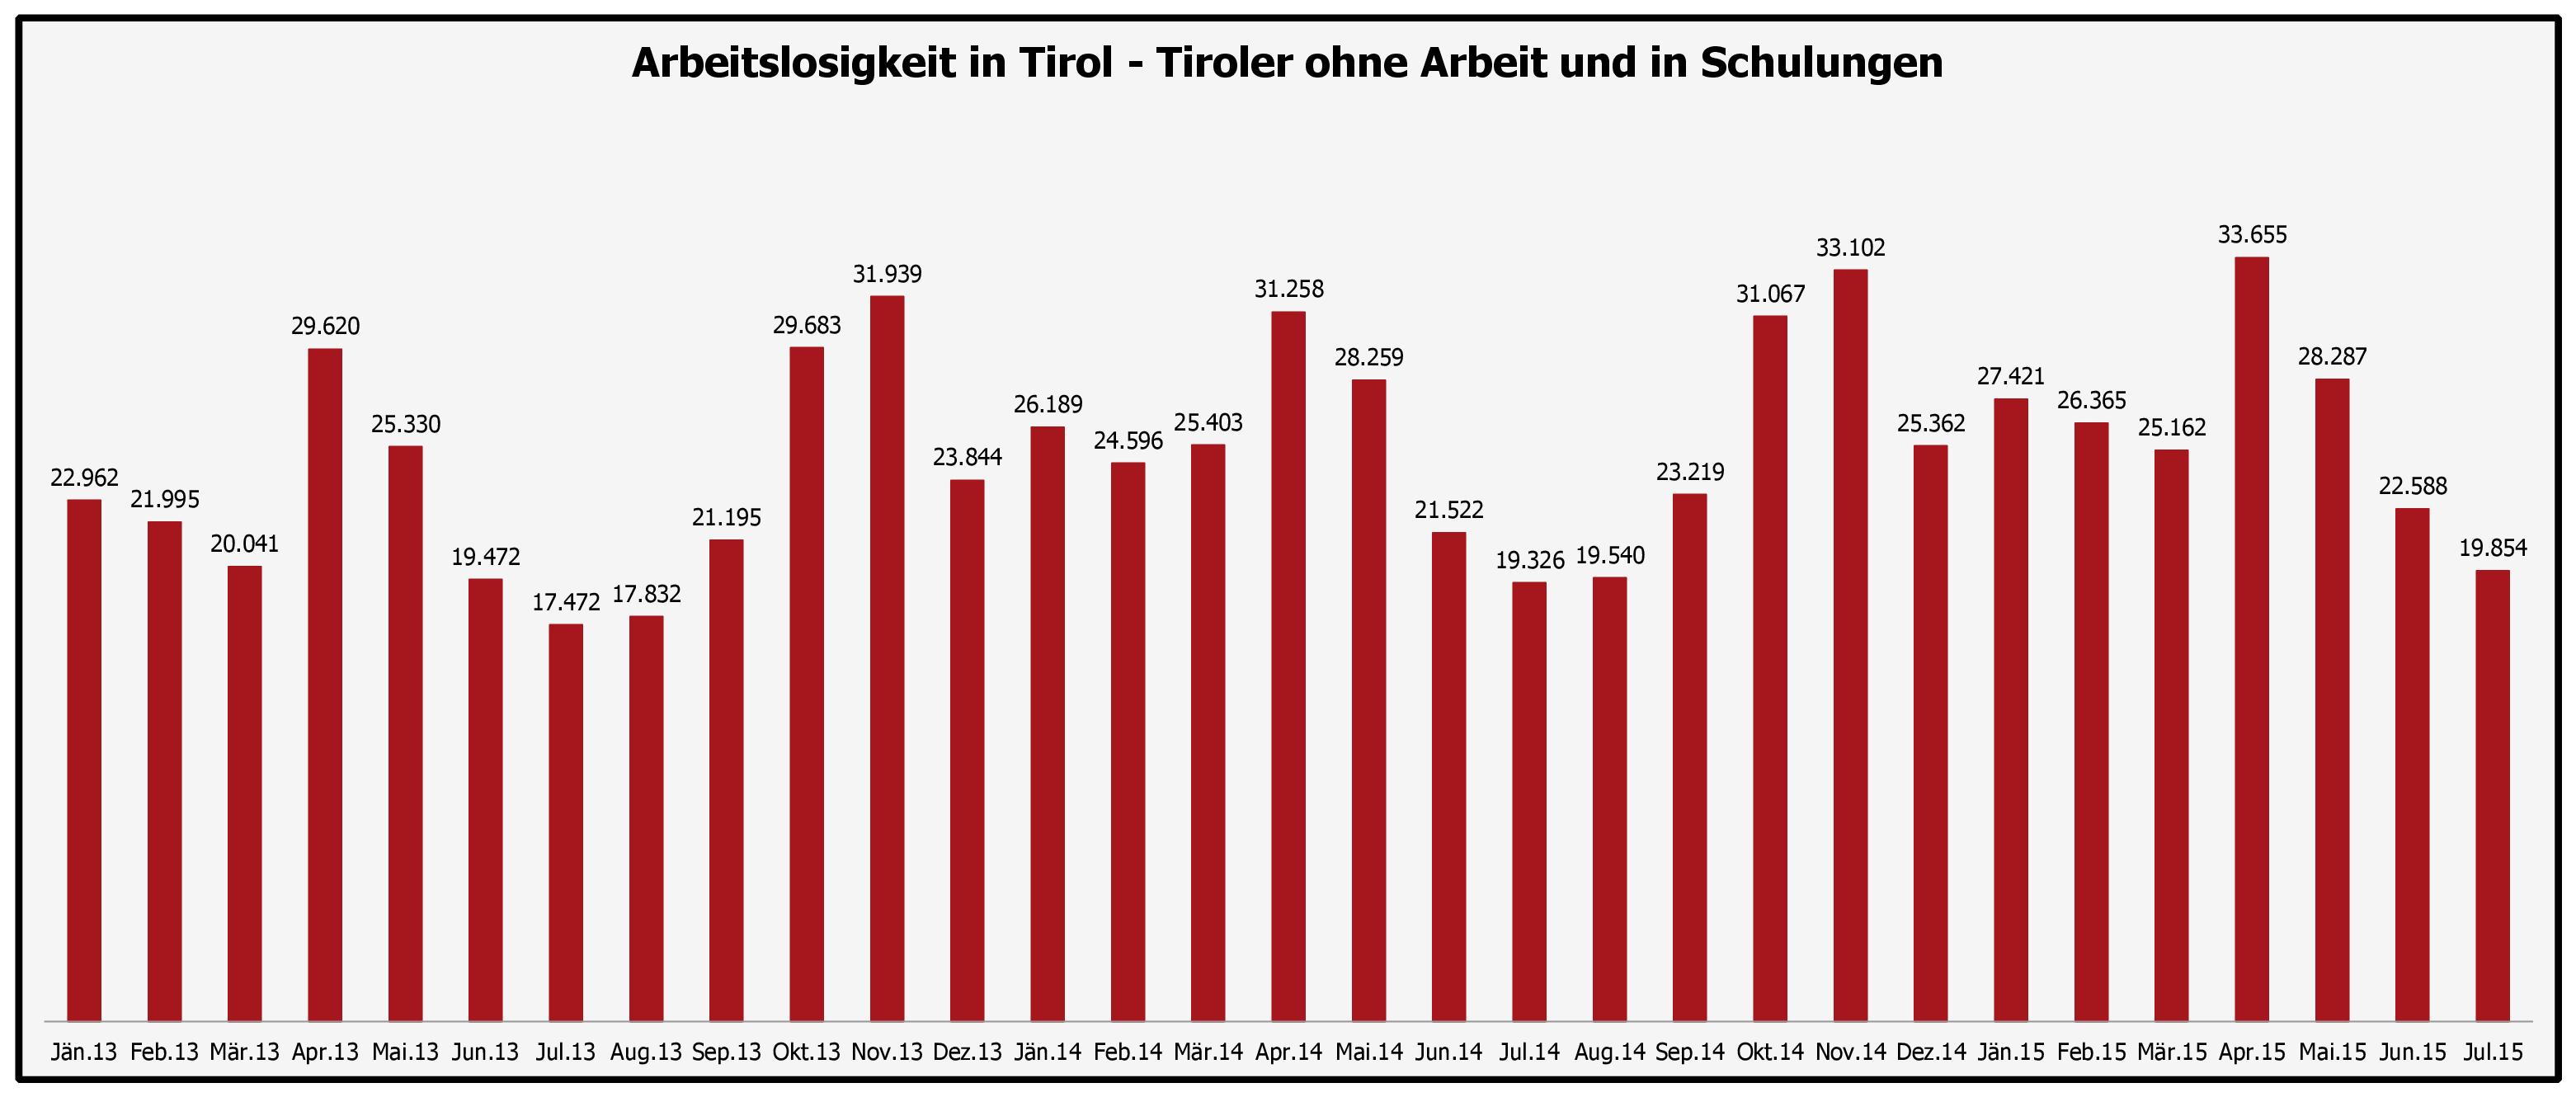 Grafik zur Arbeitslosigkeit in Tirol im Juli 2015